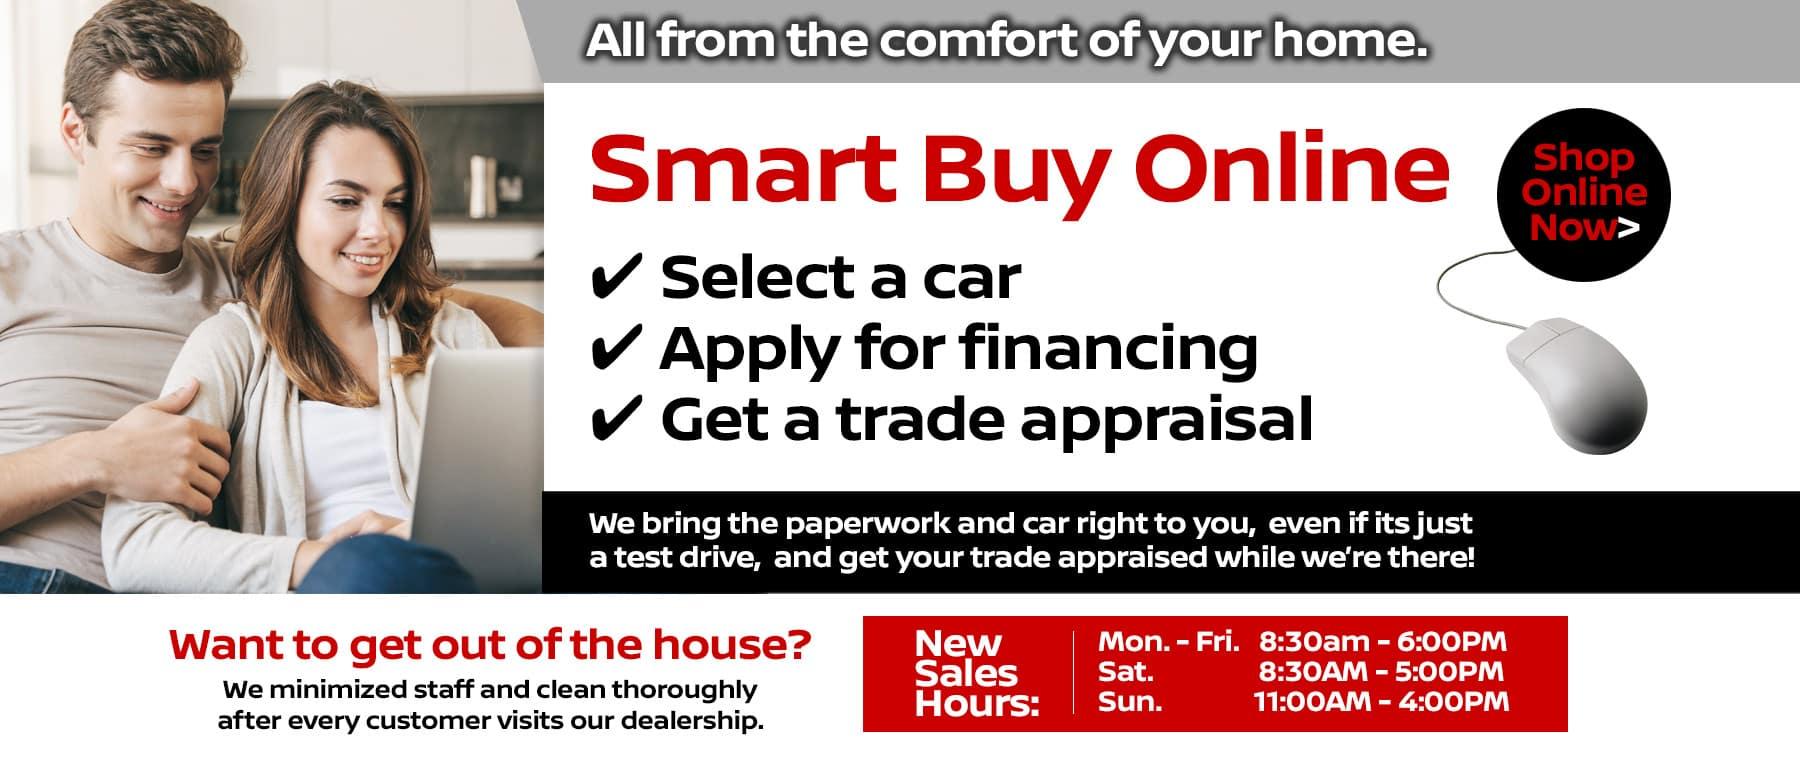 Smart Buy Online